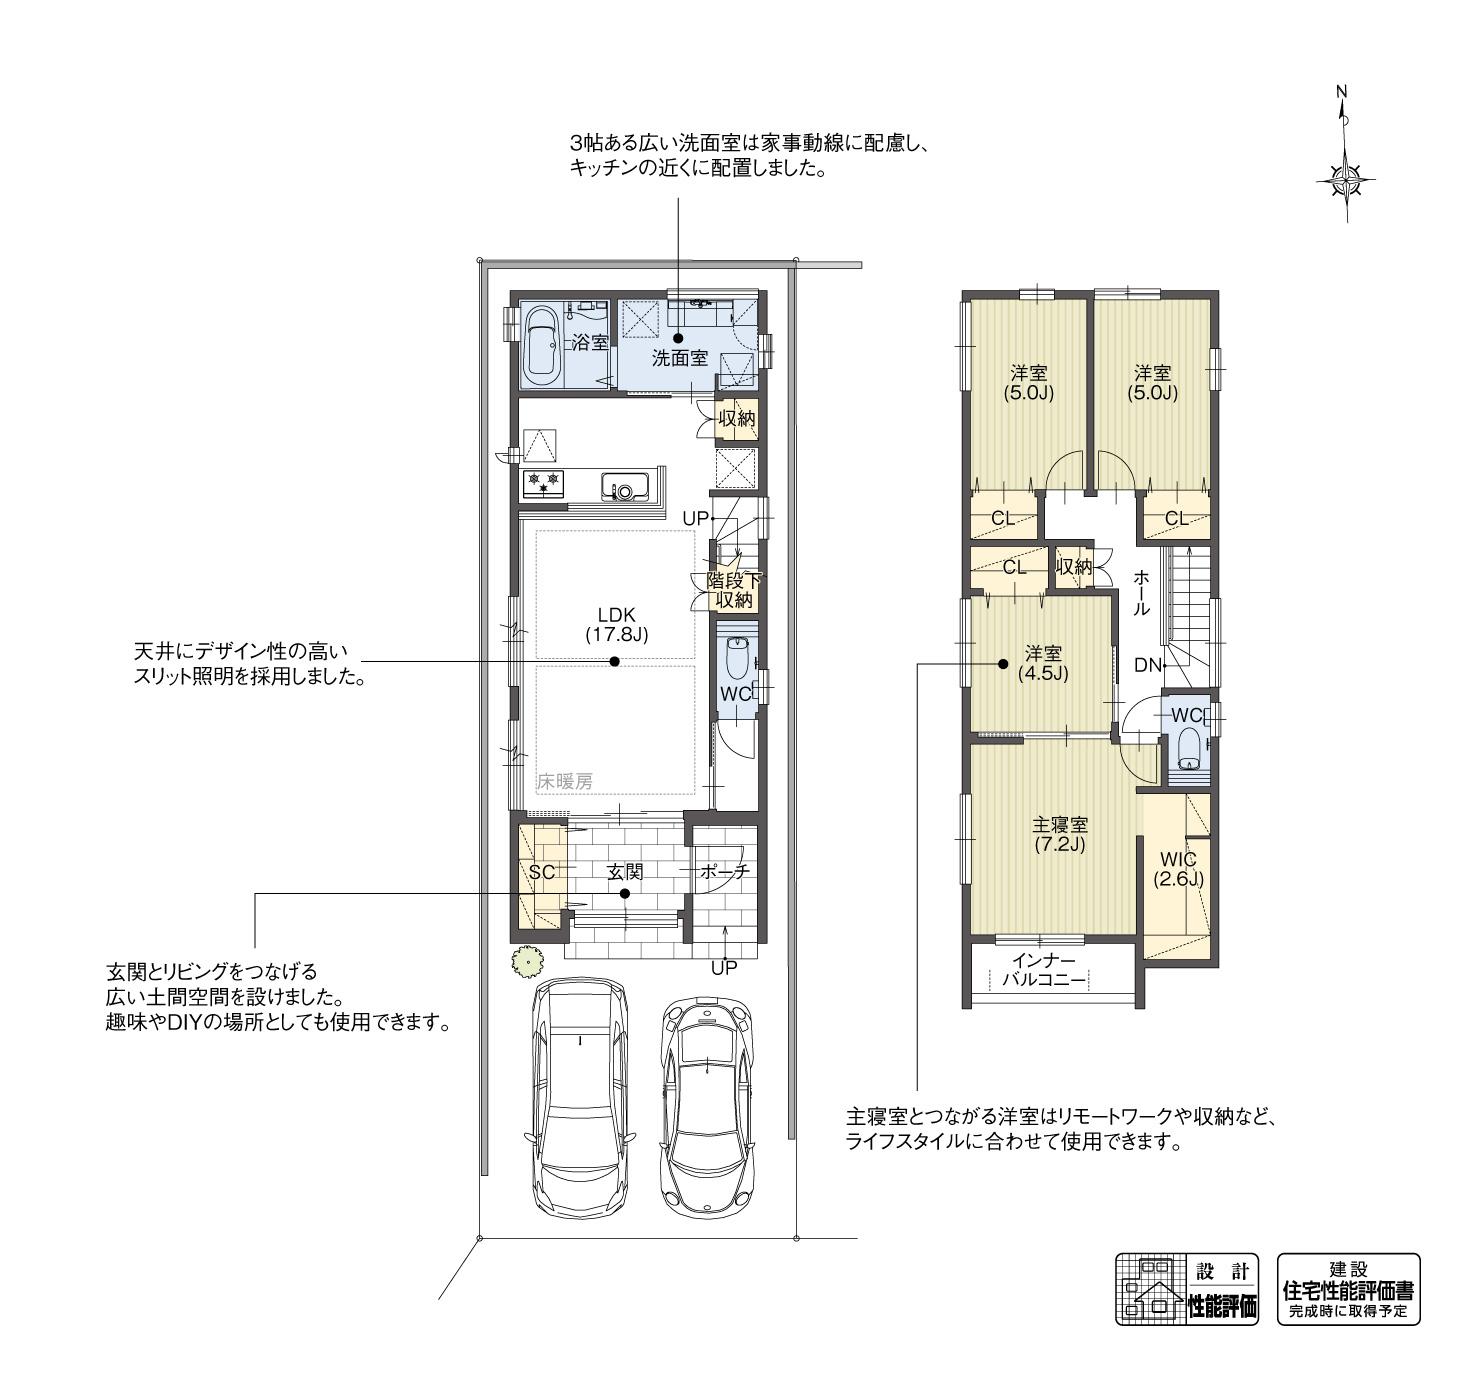 5_間取図_plan1_東海市中央町